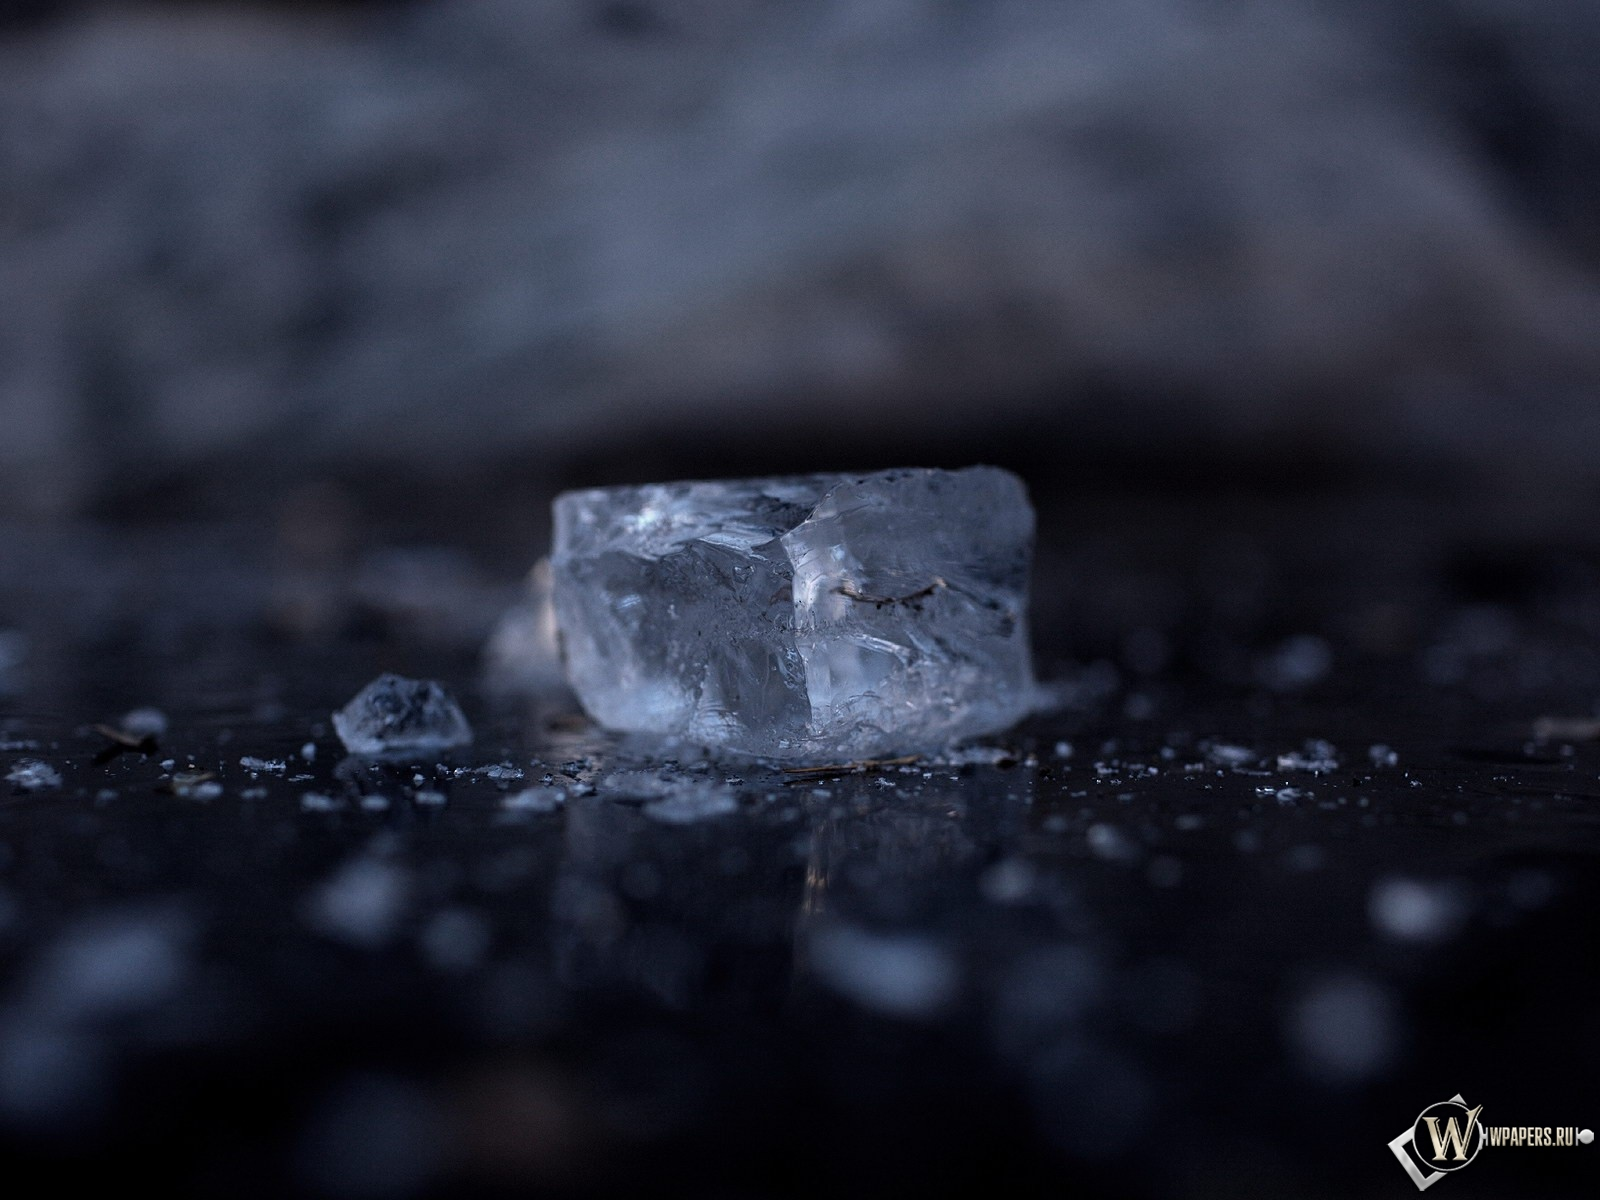 Кубик льда 1600x1200